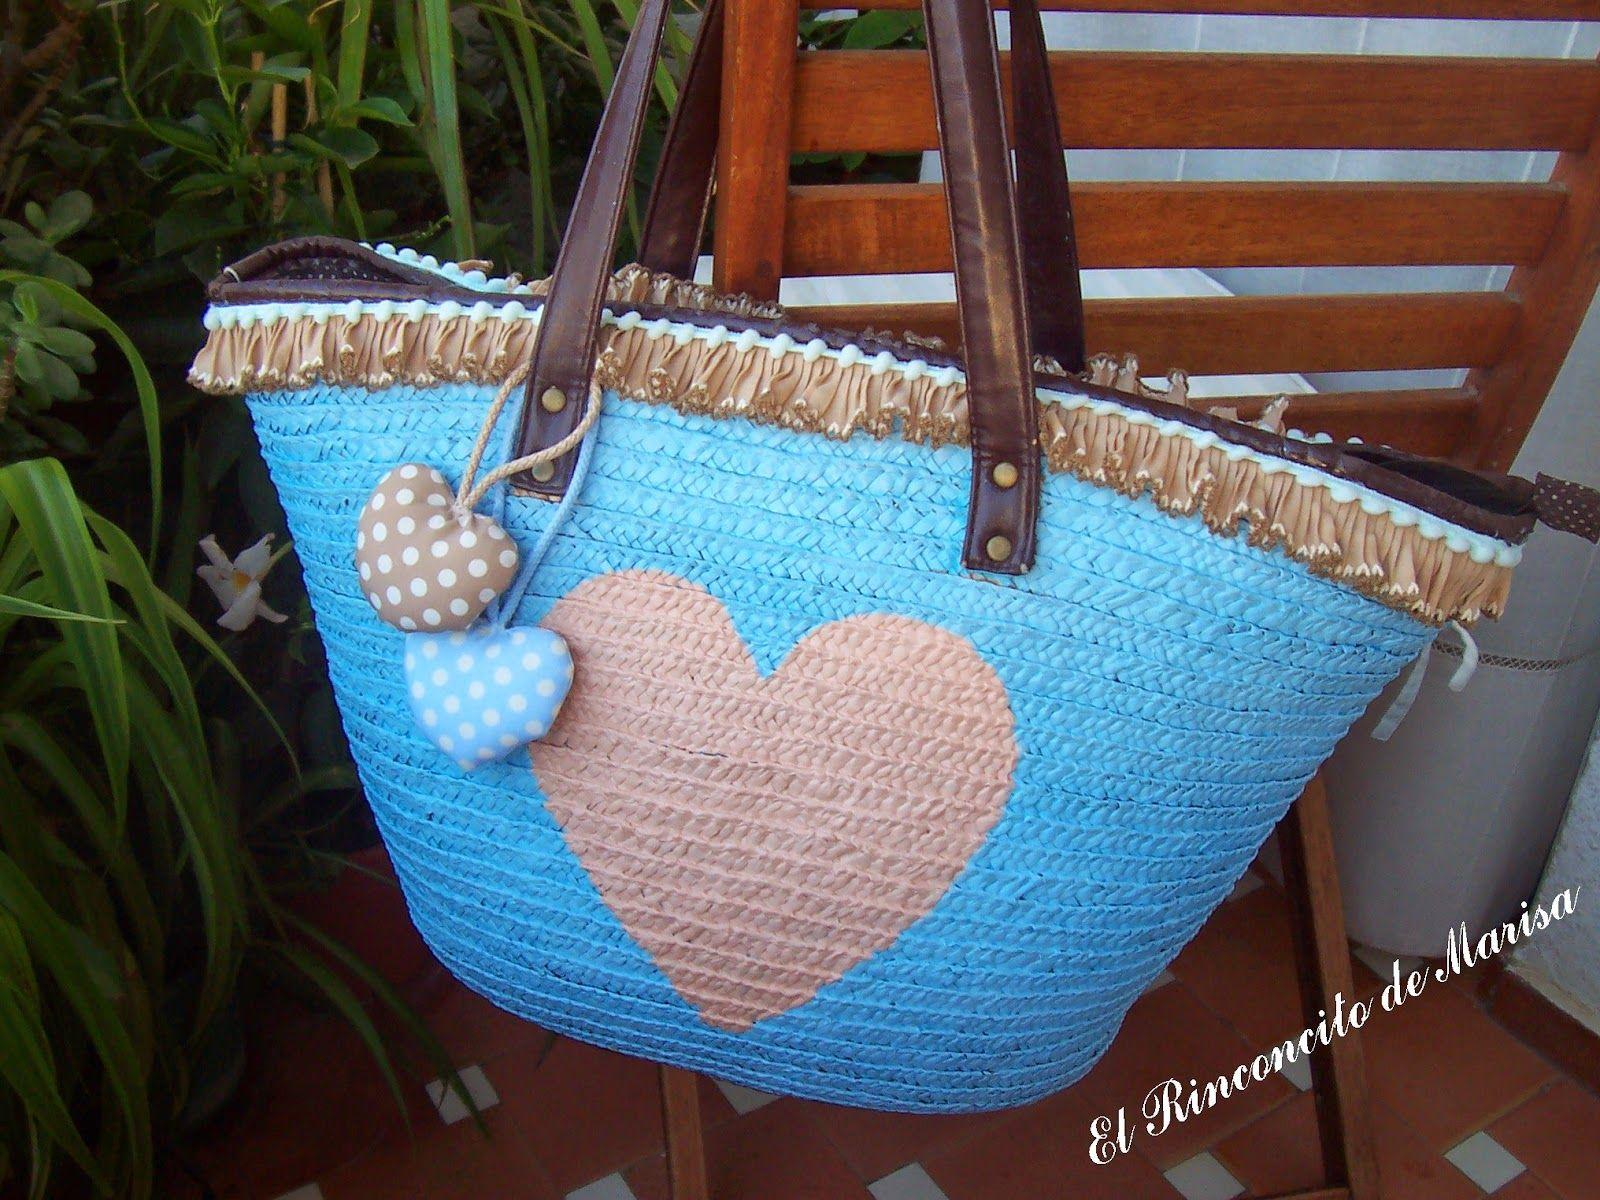 El Rinconcito De Marisa Cesto De Playa Reciclado Bolsas Artesanales Cuero Hecho A Mano Bolso Hippie